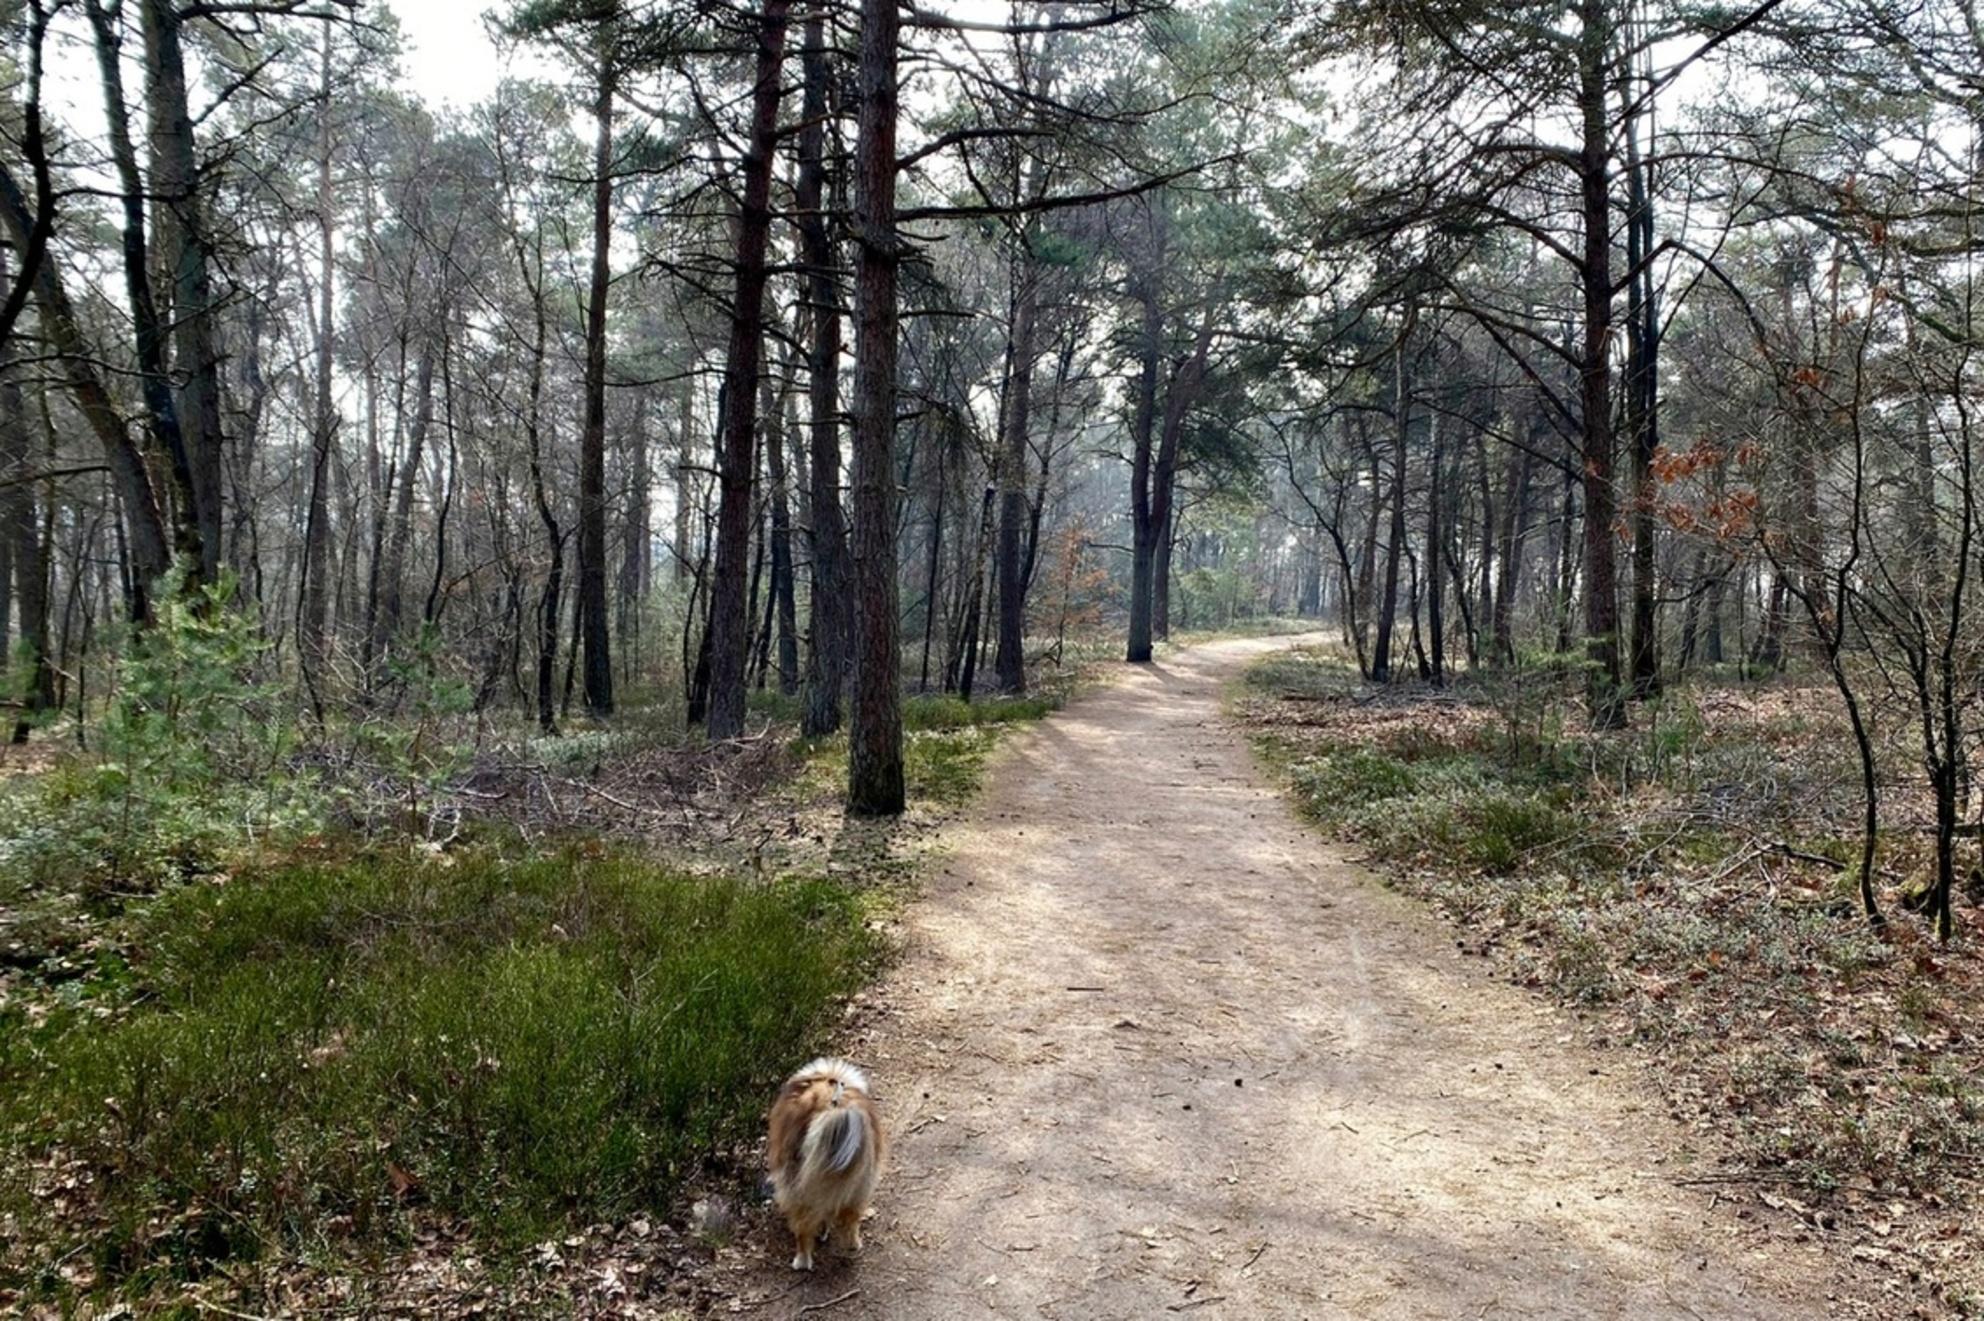 Mysterieus bos - Ik werd getrokken door het contrast tussen de donkere bomen en de hele lichte felle lucht. - foto door HeidiCM op 03-03-2021 - deze foto bevat: winter, landschap, bos, tegenlicht, bomen